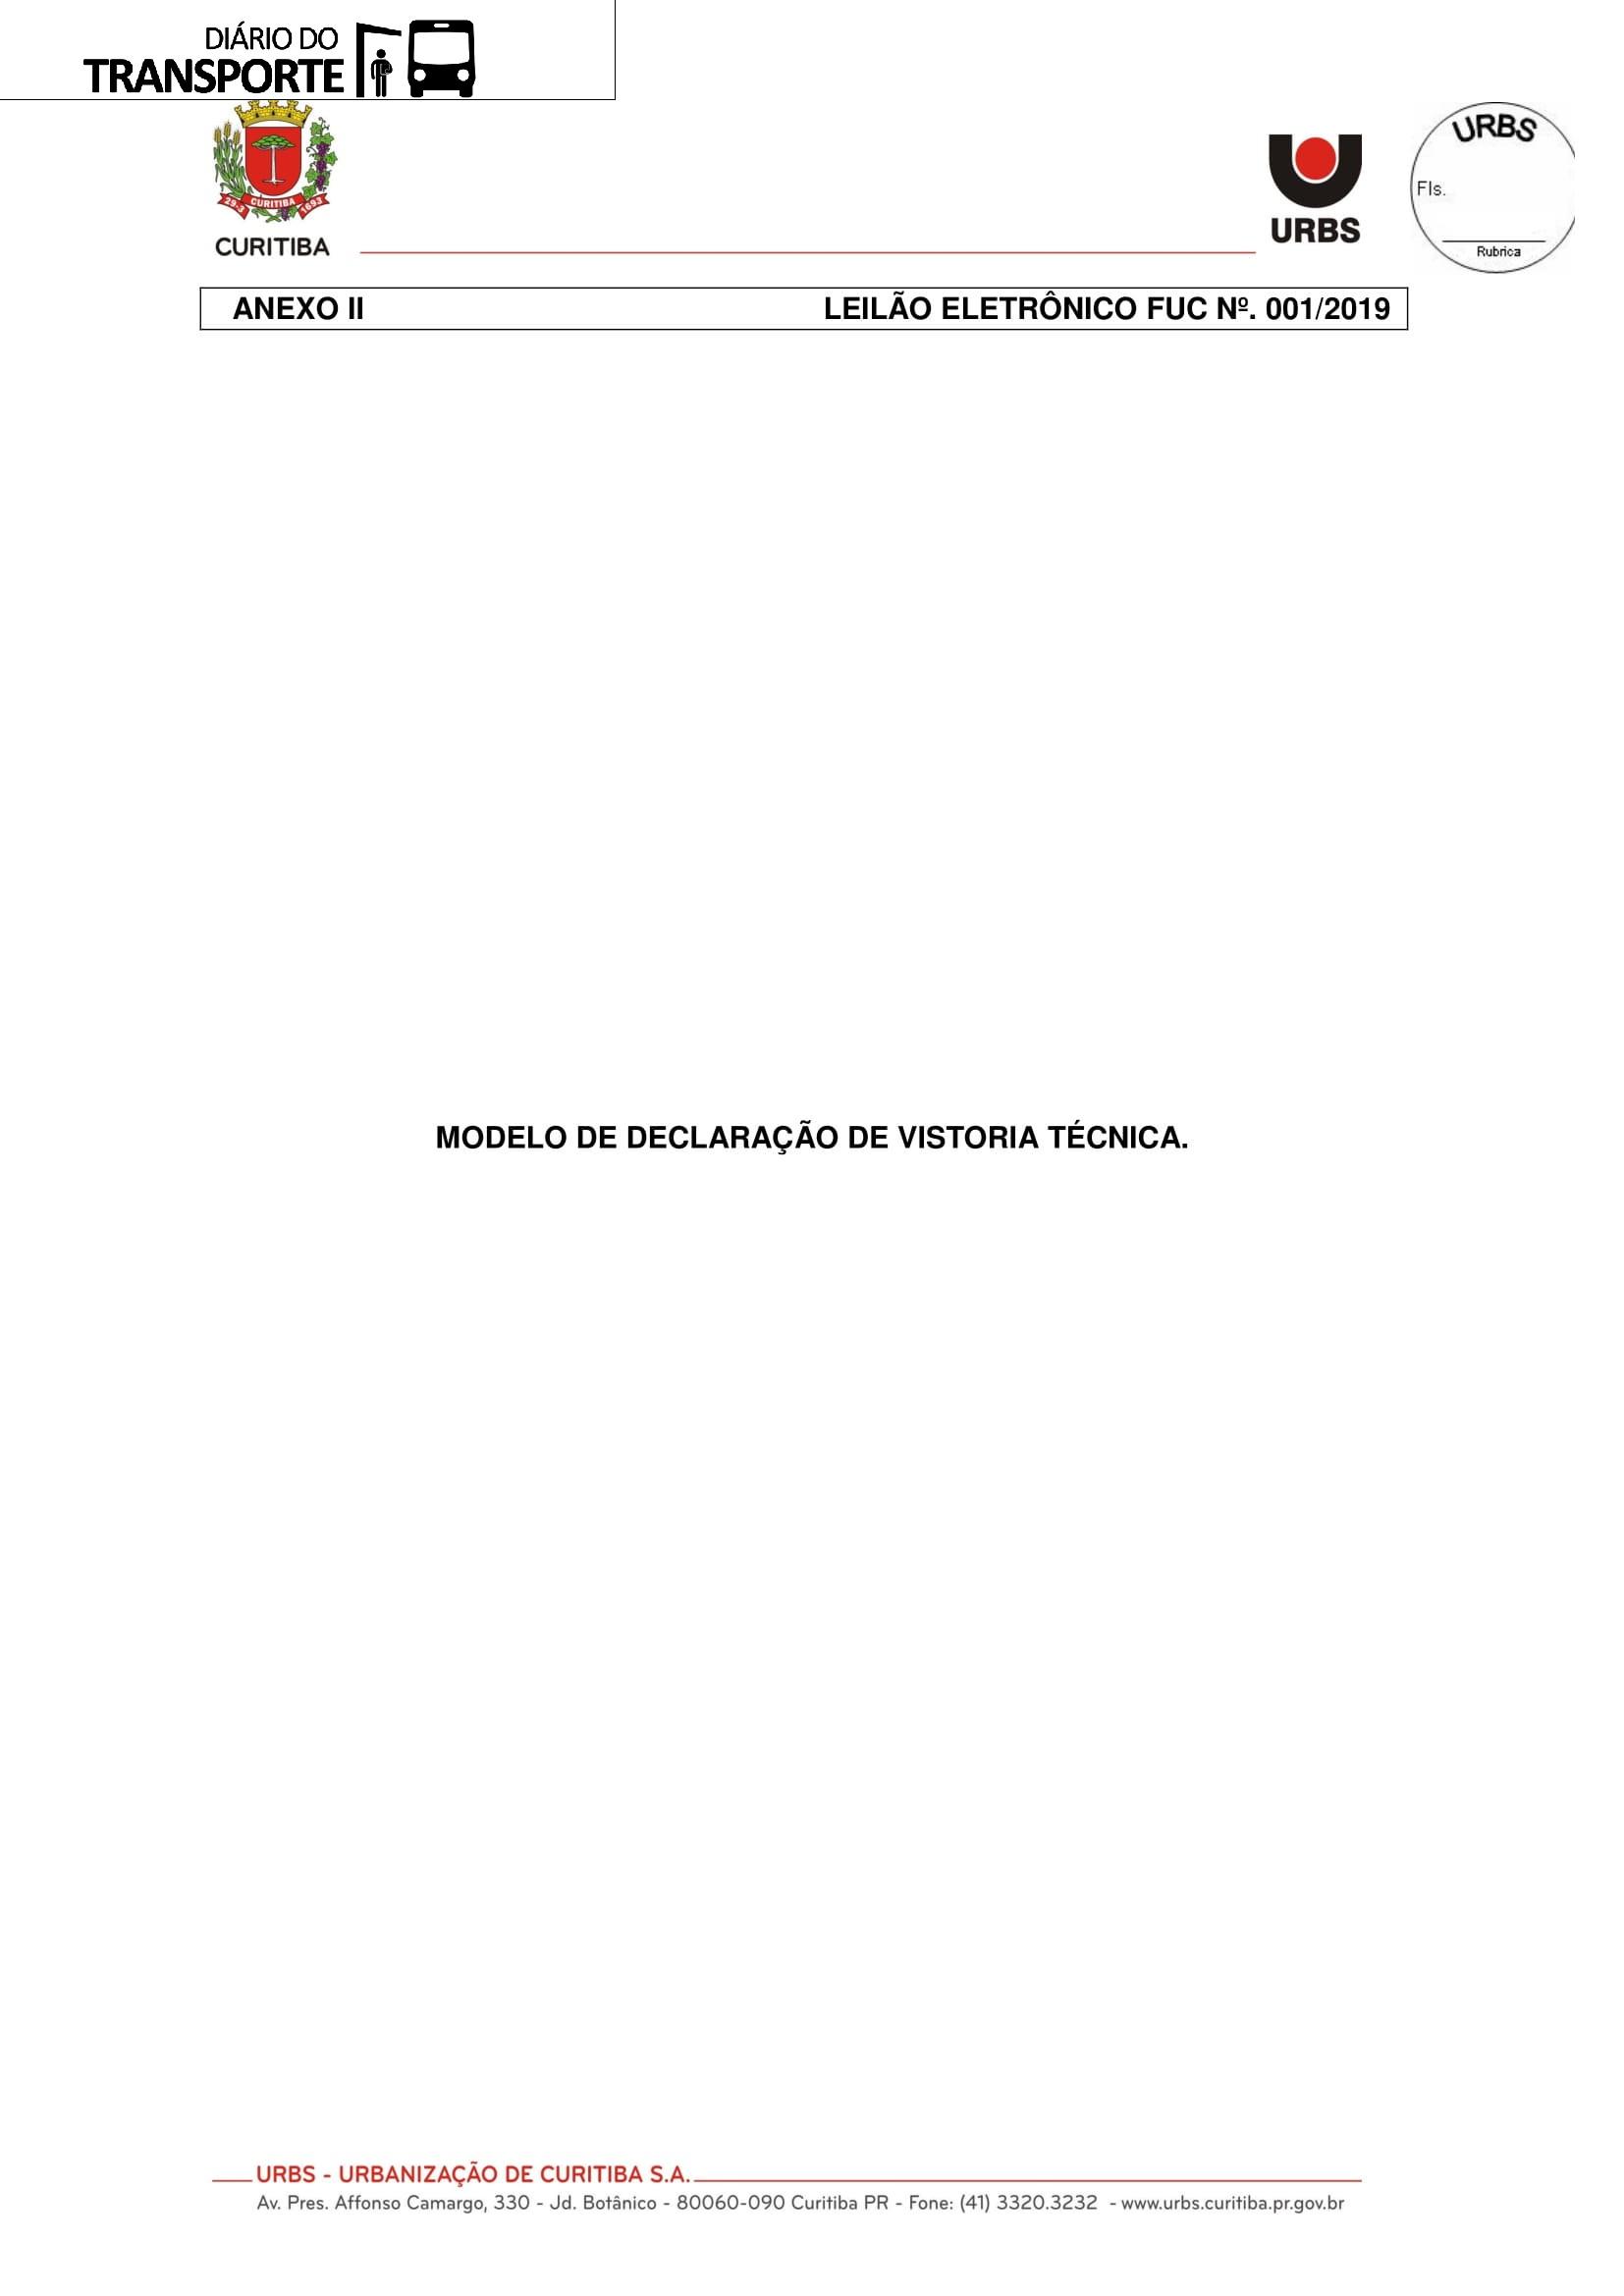 EDITAL_LEILAO_FUC_001_2019-16